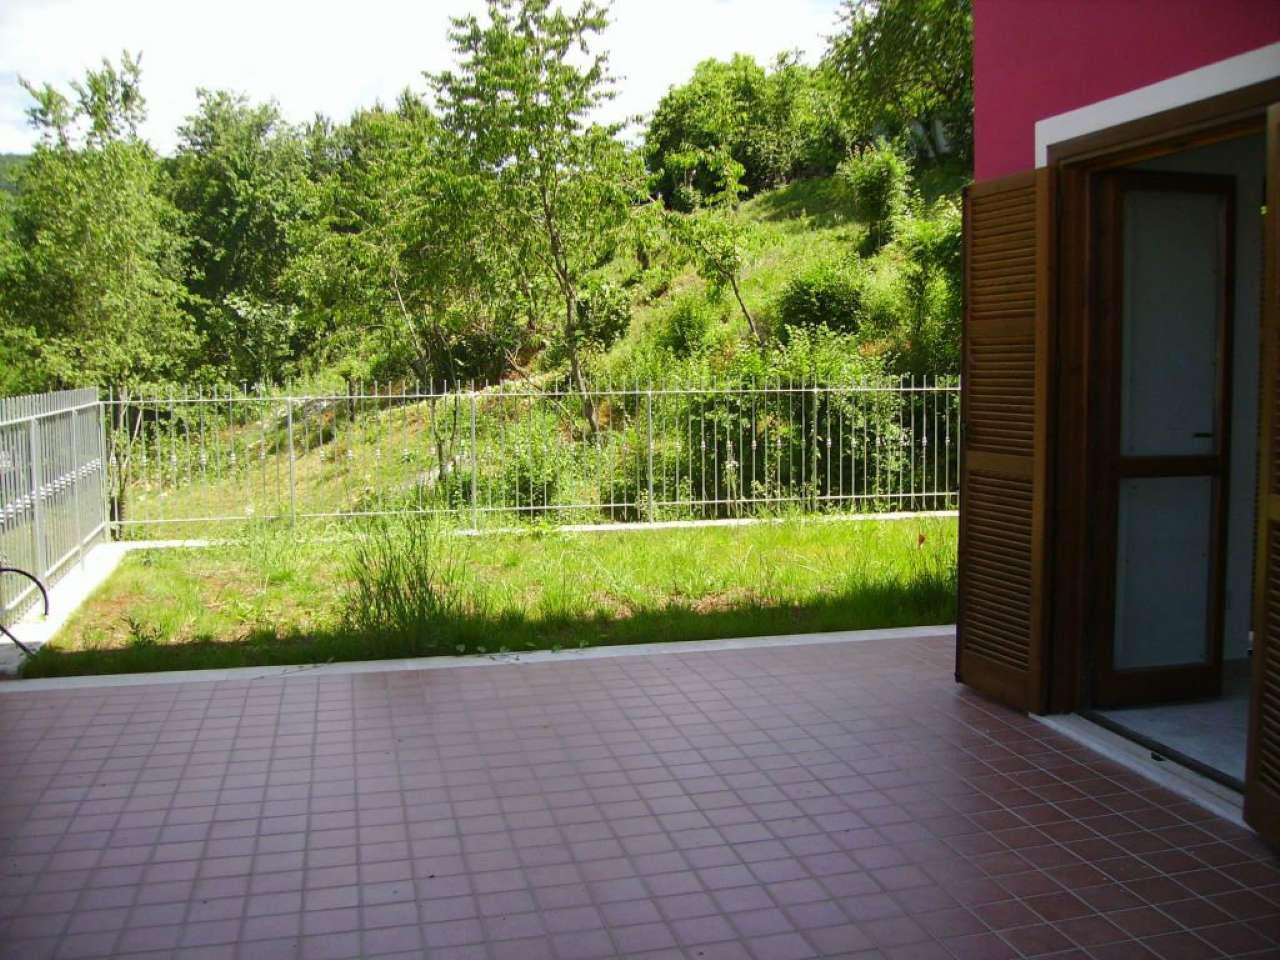 Appartamento in vendita a Fiuggi, 2 locali, prezzo € 49.000 | CambioCasa.it